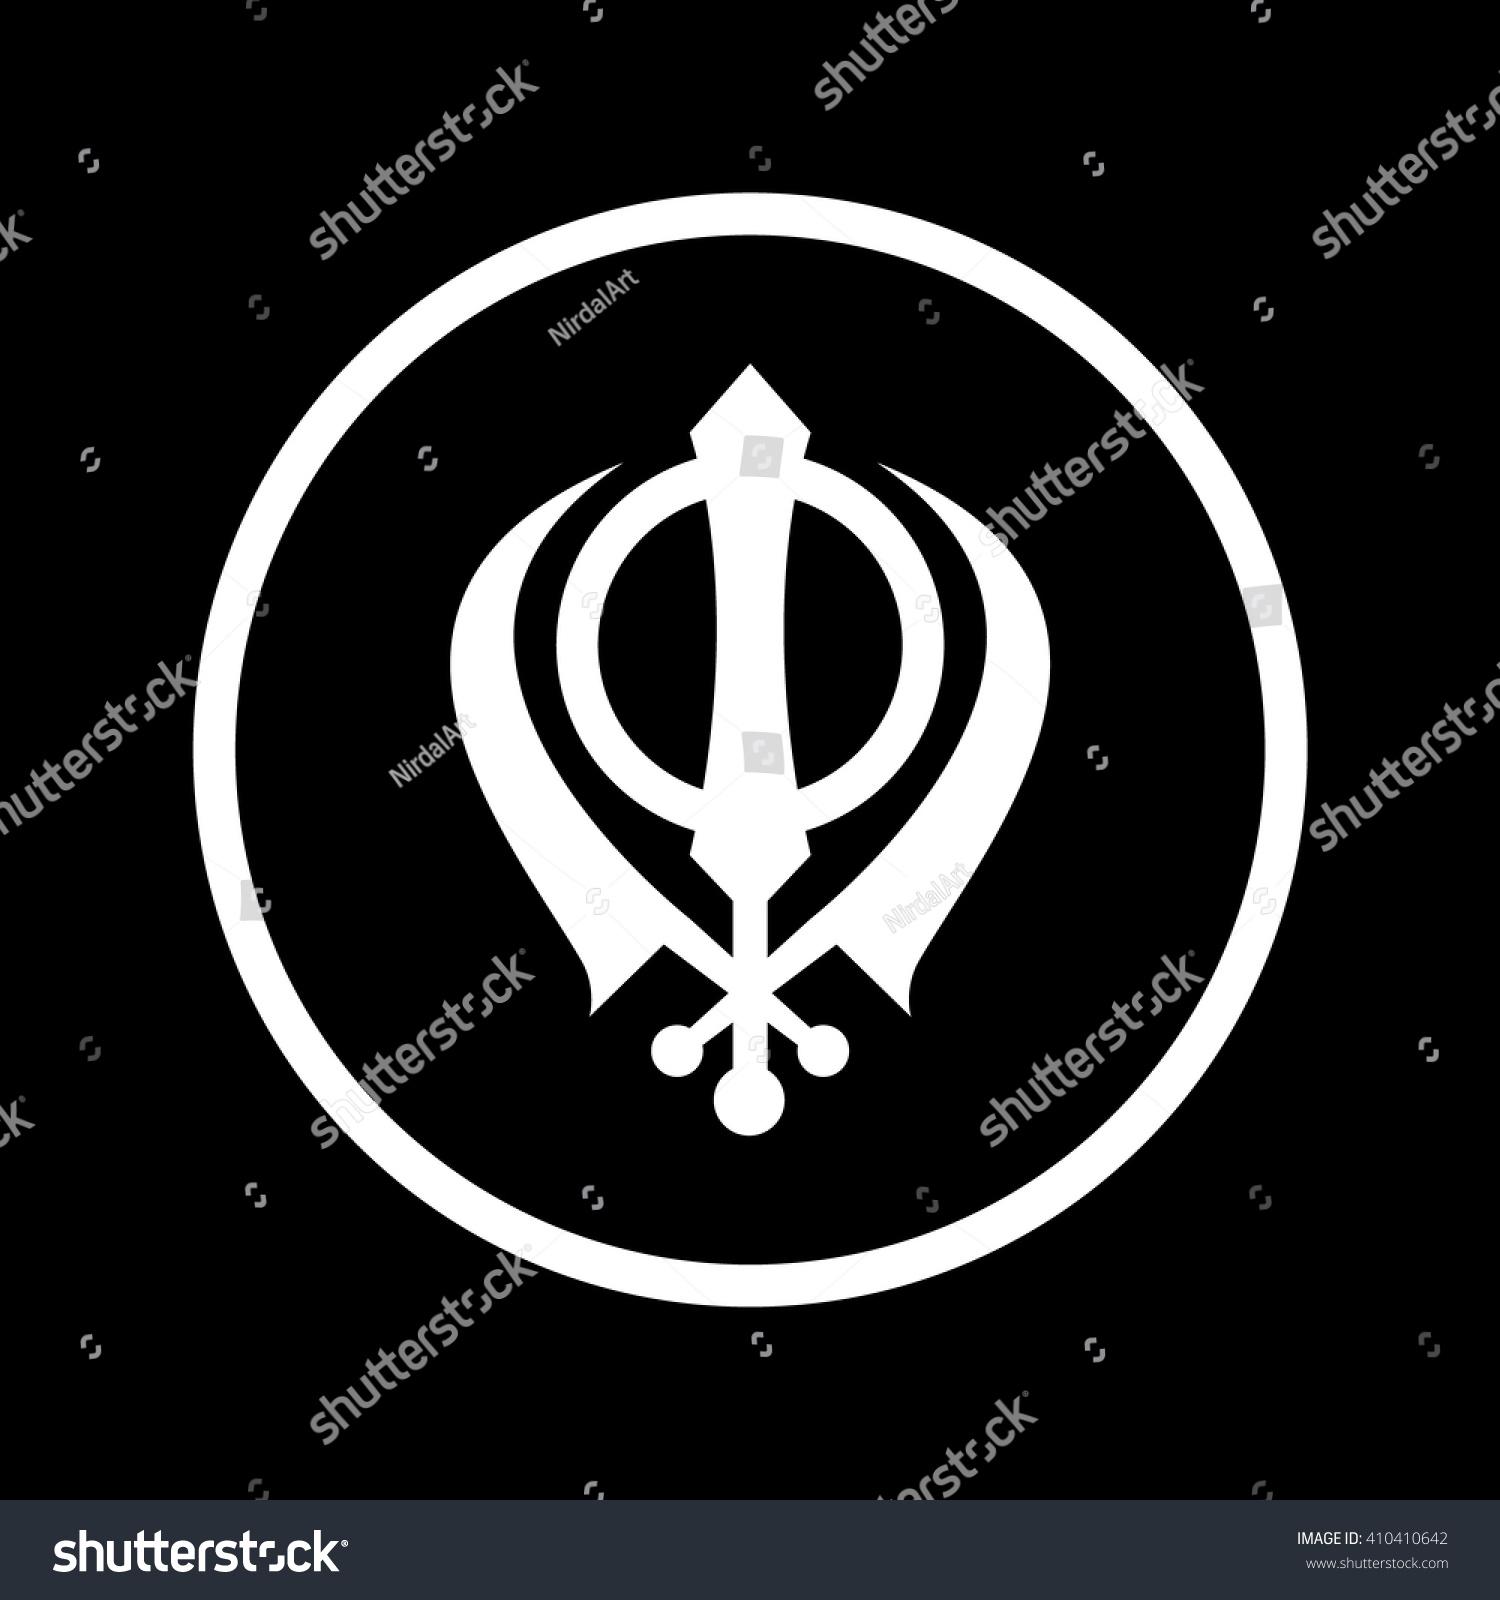 Royalty Free Khanda Symbol Sikhism Religion 410410642 Stock